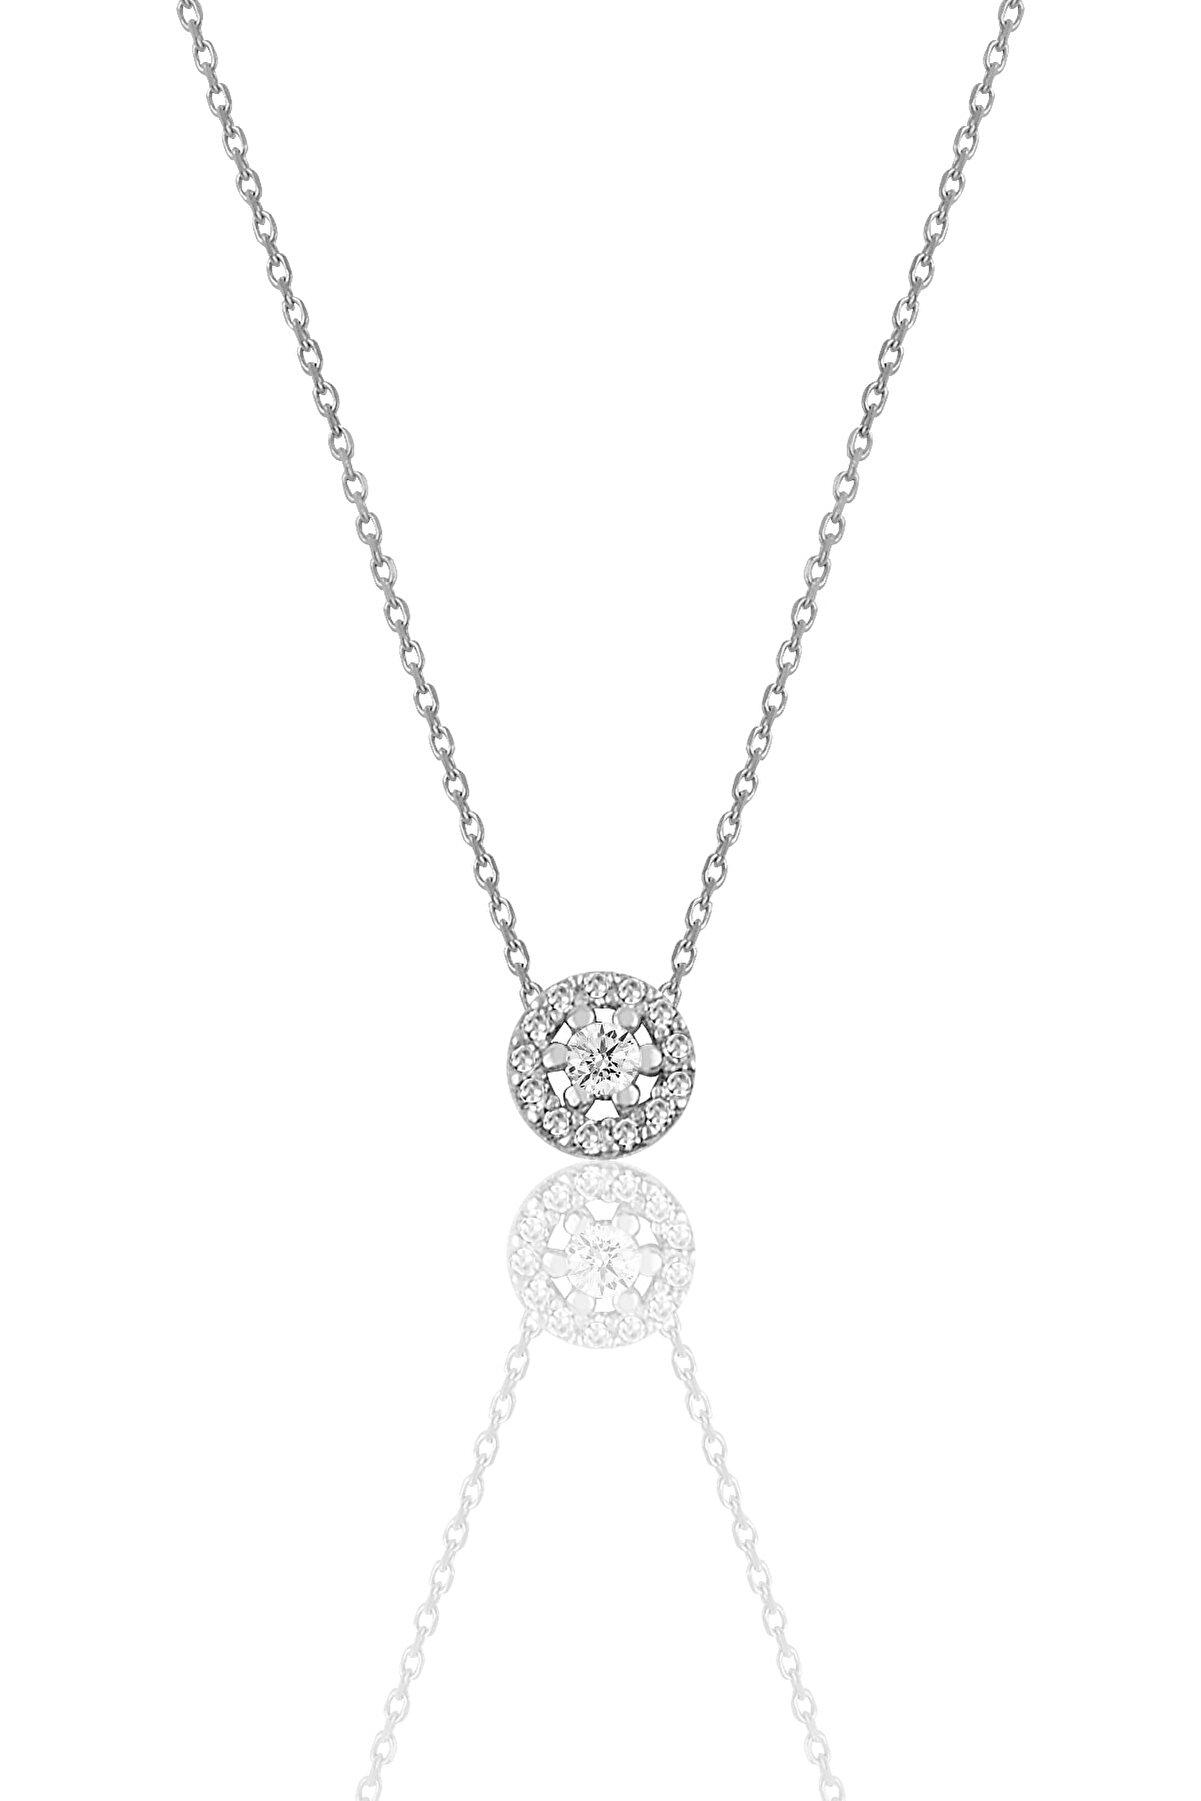 Söğütlü Silver Kadın Gümüş Mini Pırlanta Modeli Kolye SGTL9904